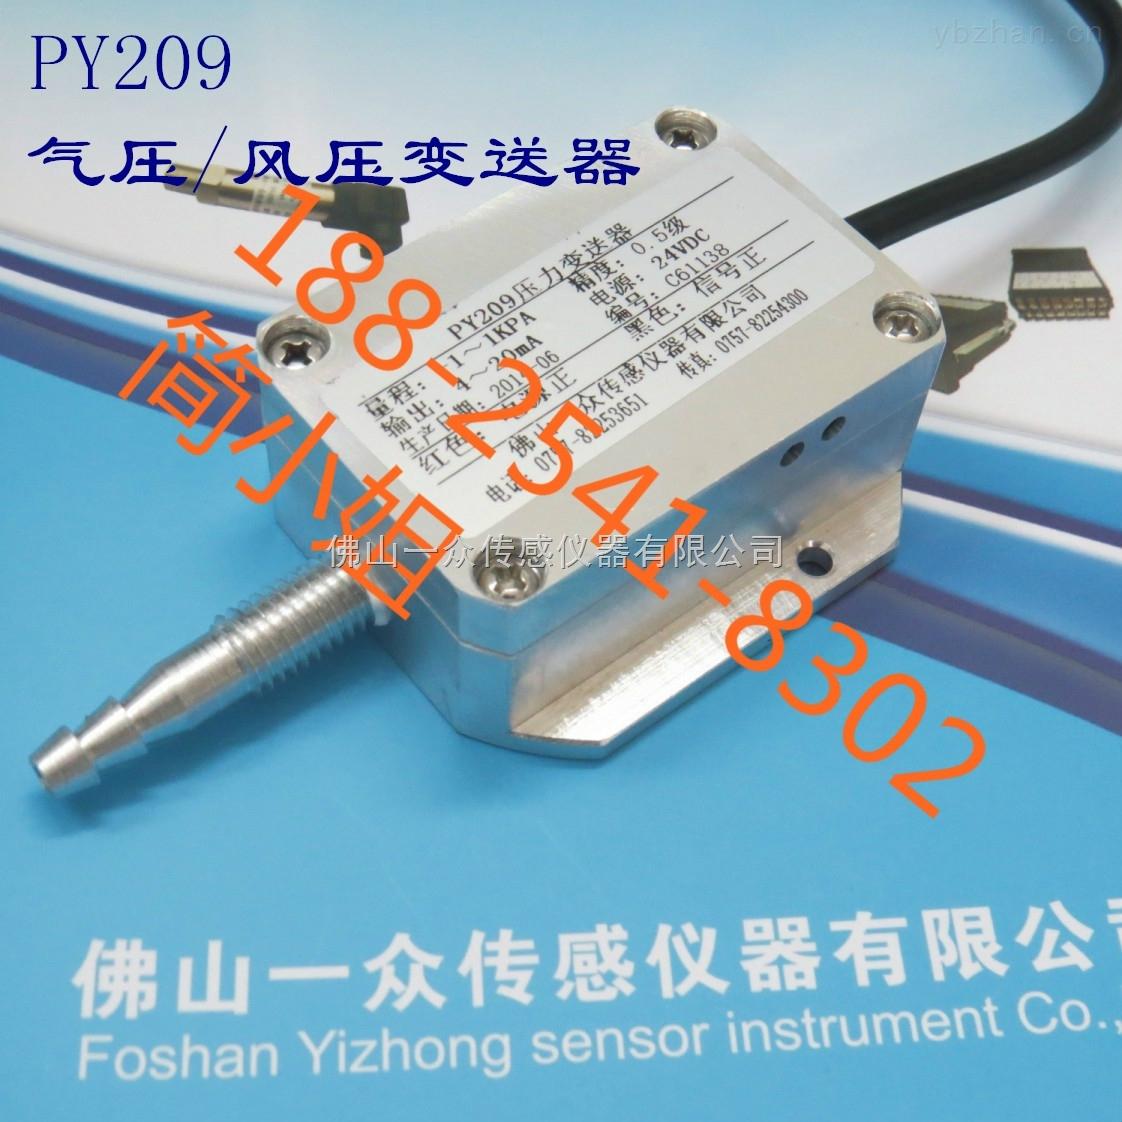 最新特用于地下室通风,消防通风风压力传感器PY301工作原理及参数说明